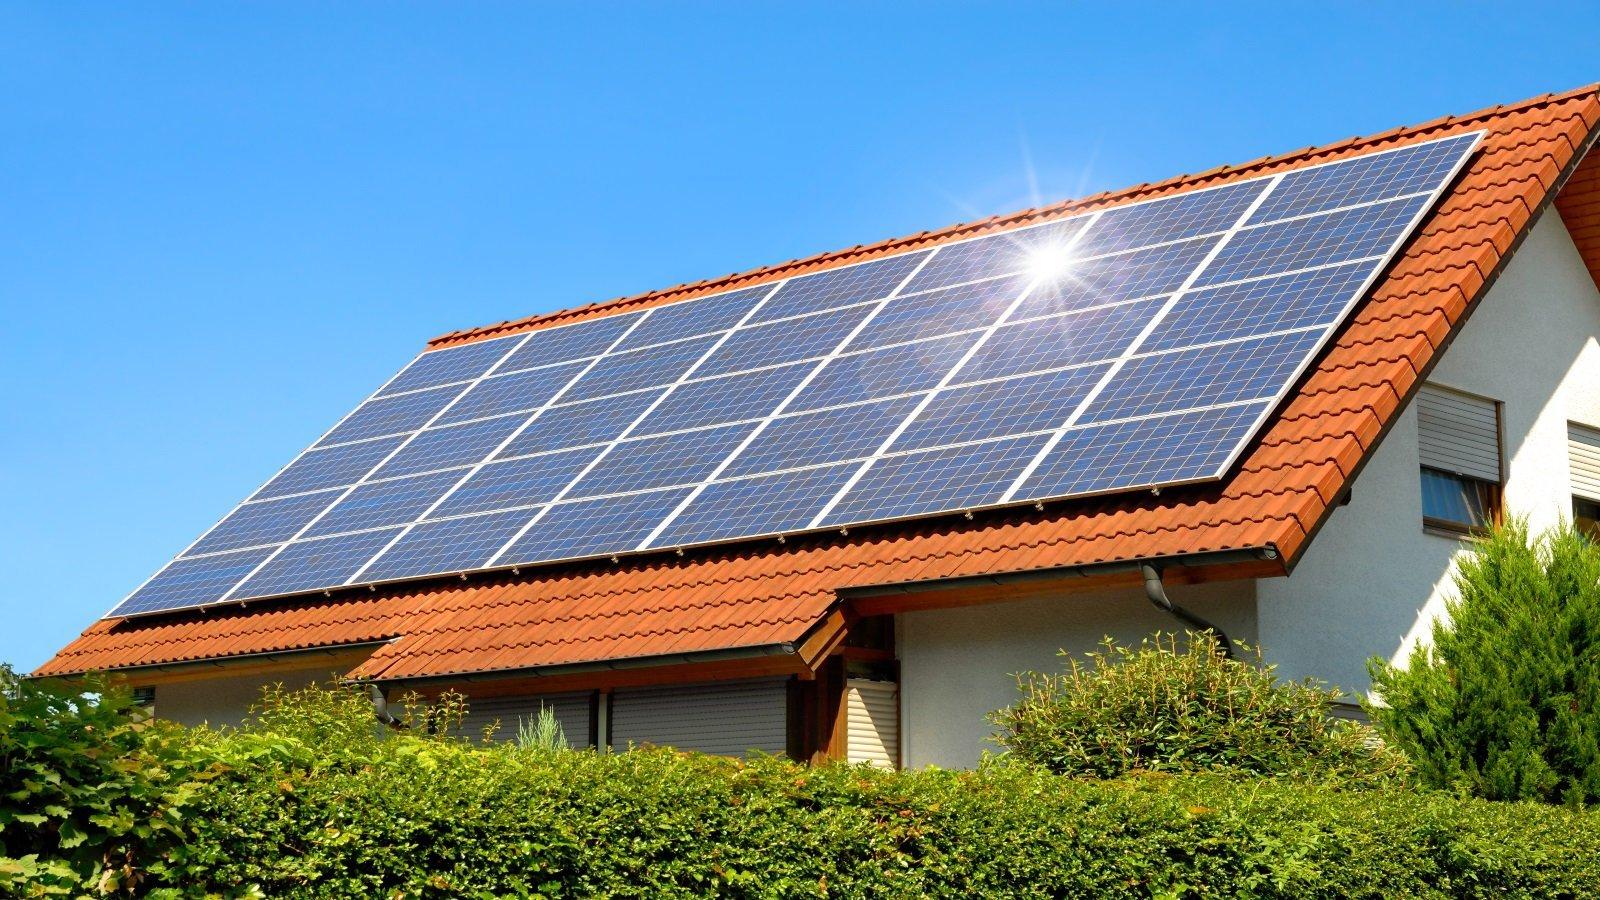 pannelli solari su un tetto di una villa